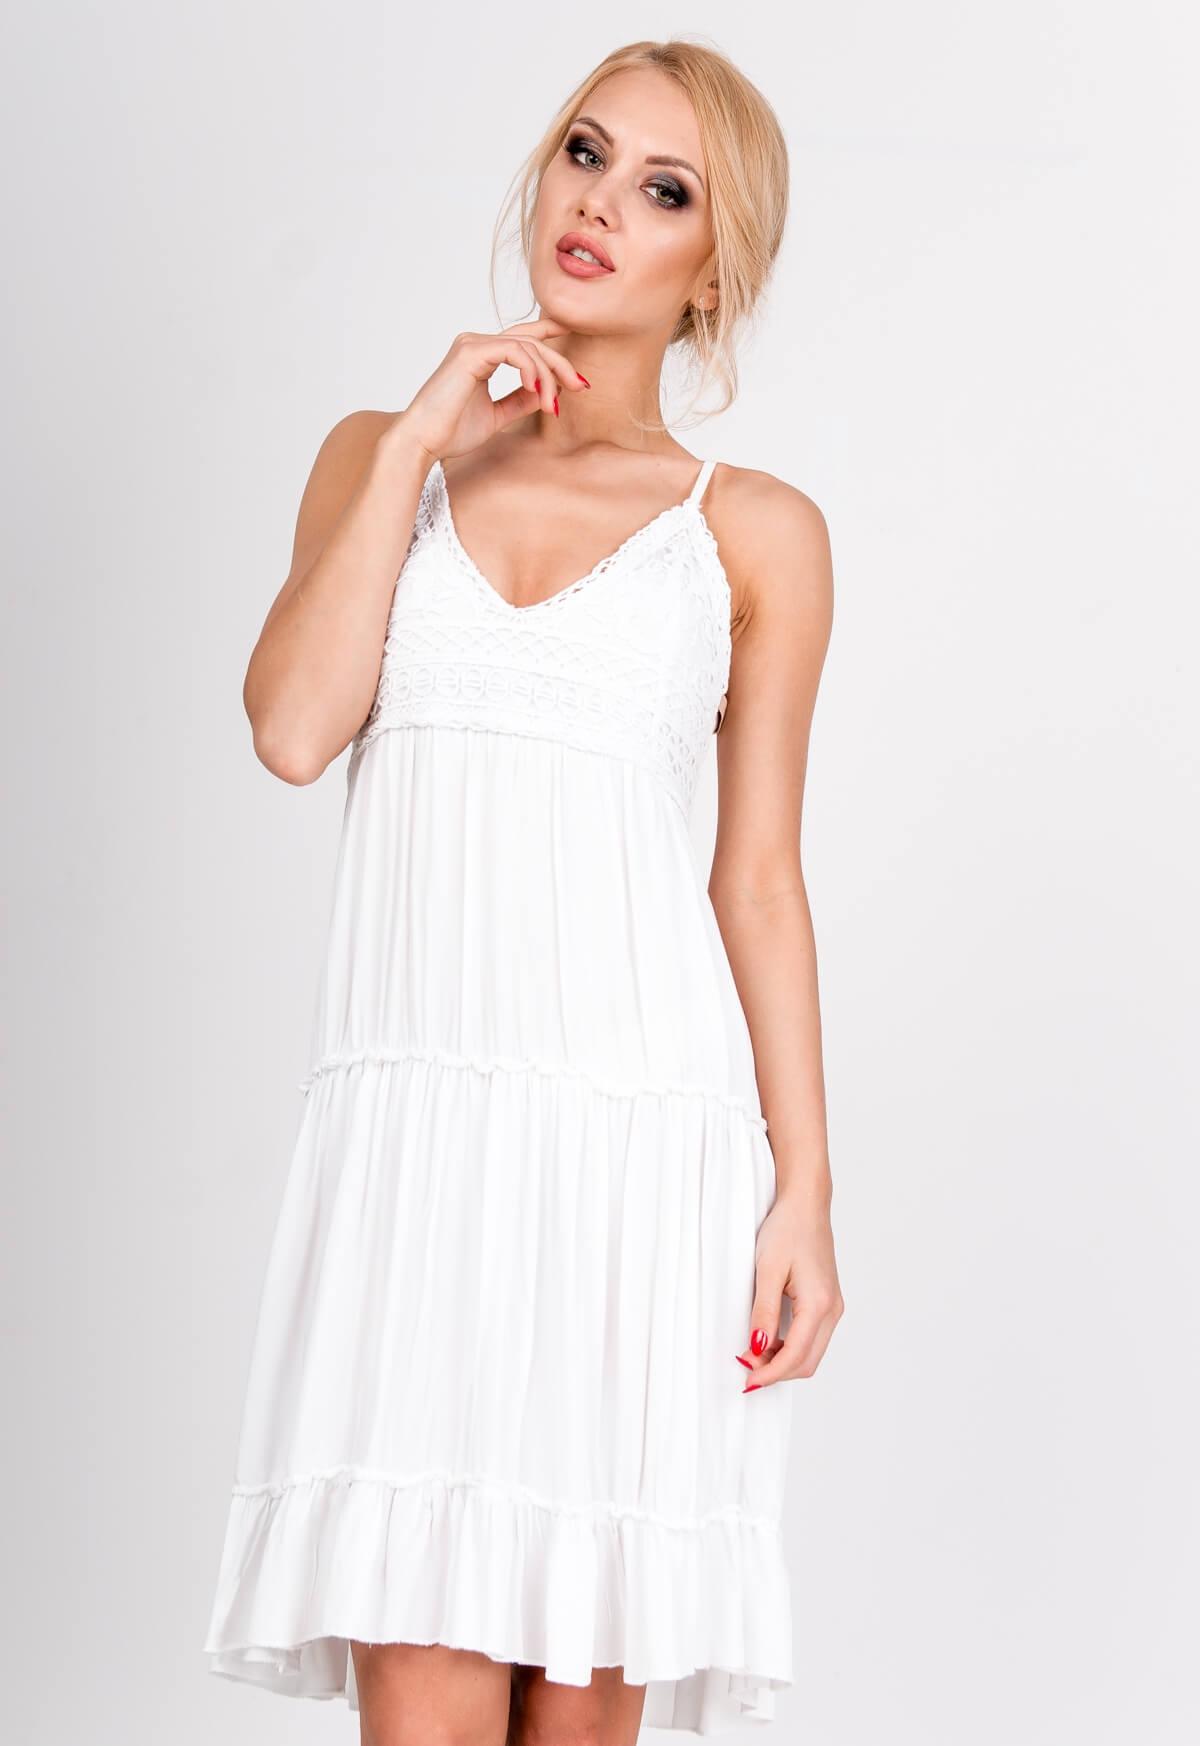 Biele čipkované šaty na ramienka - UNI